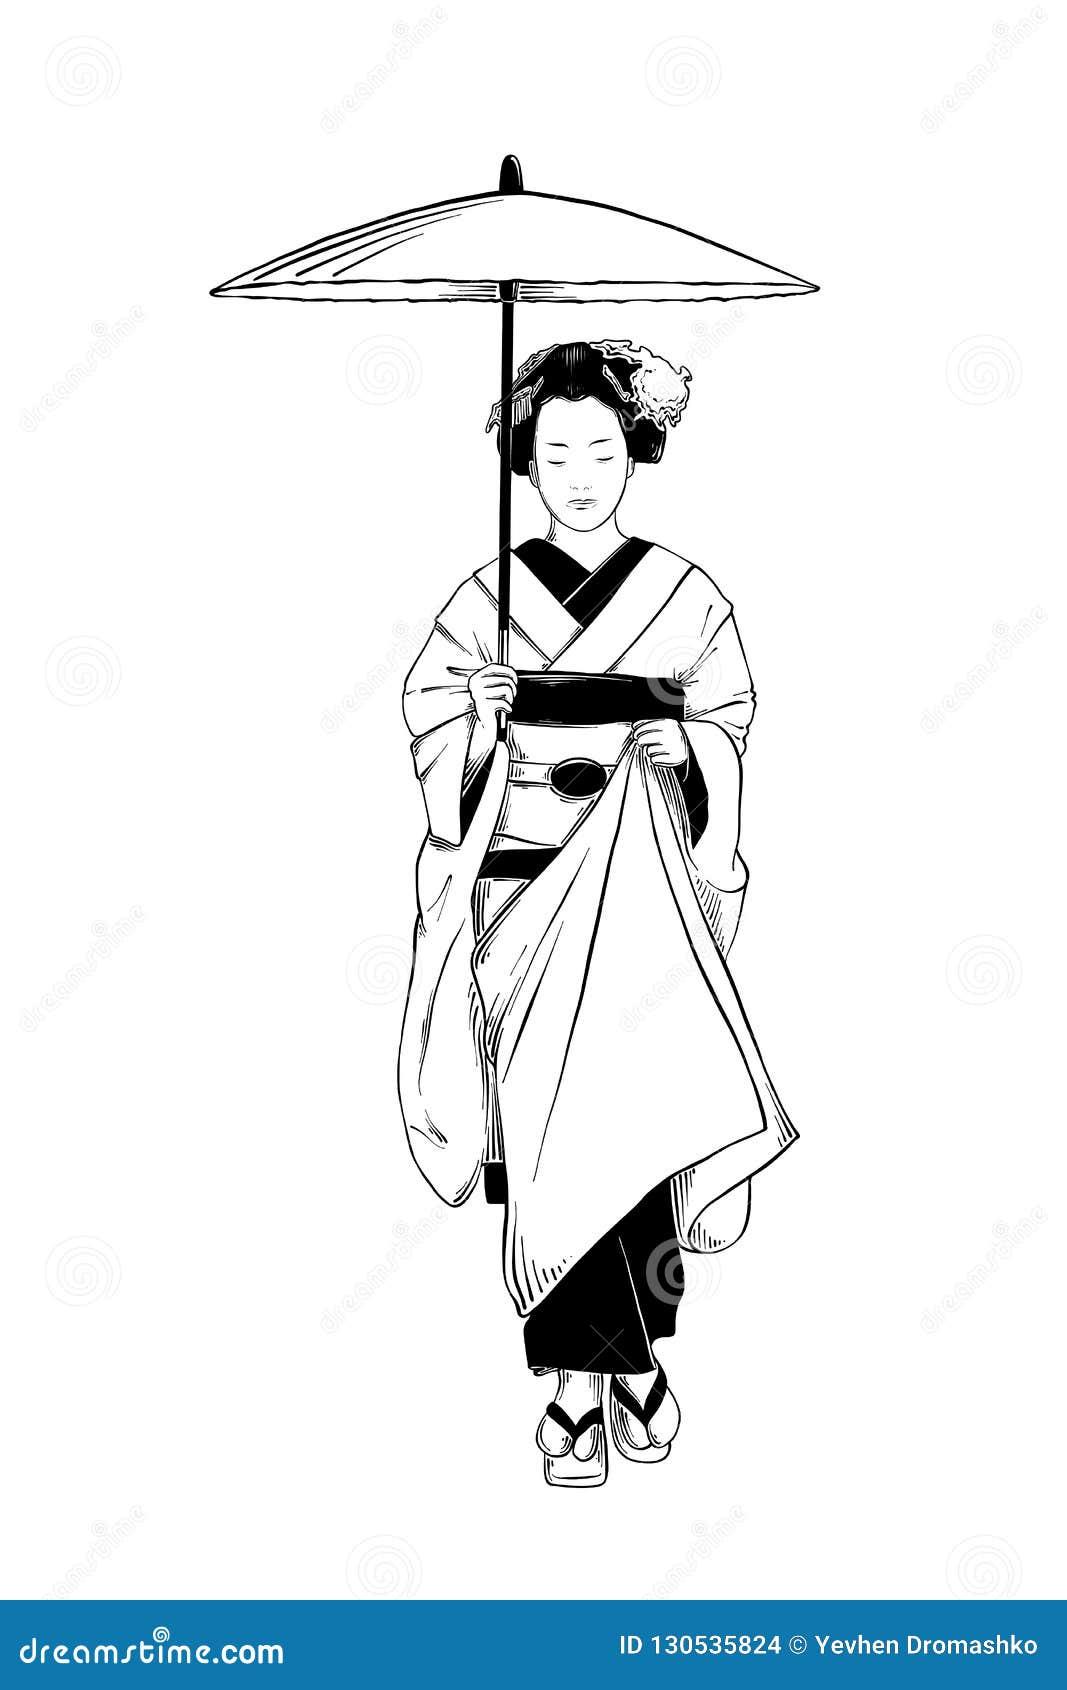 Συρμένο χέρι σκίτσο των ιαπωνικών γκείσων που απομονώνεται στο άσπρο υπόβαθρο Λεπτομερές εκλεκτής ποιότητας σχέδιο χαρακτικής